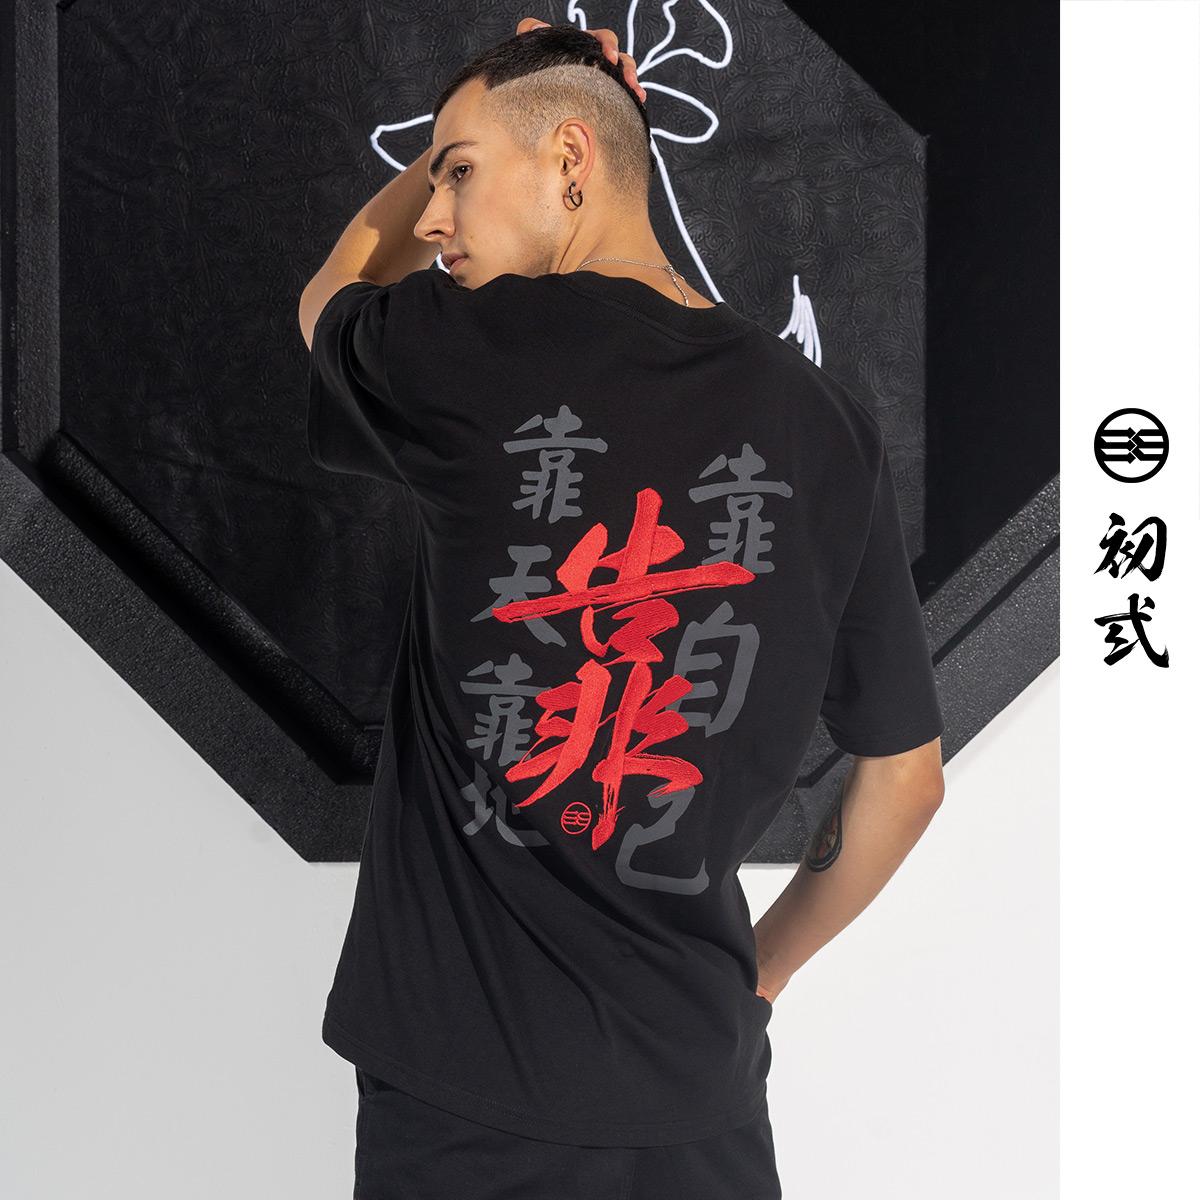 初弎t恤夏季新款中国风潮牌刺绣靠街头个性男女纯色情侣短袖男装